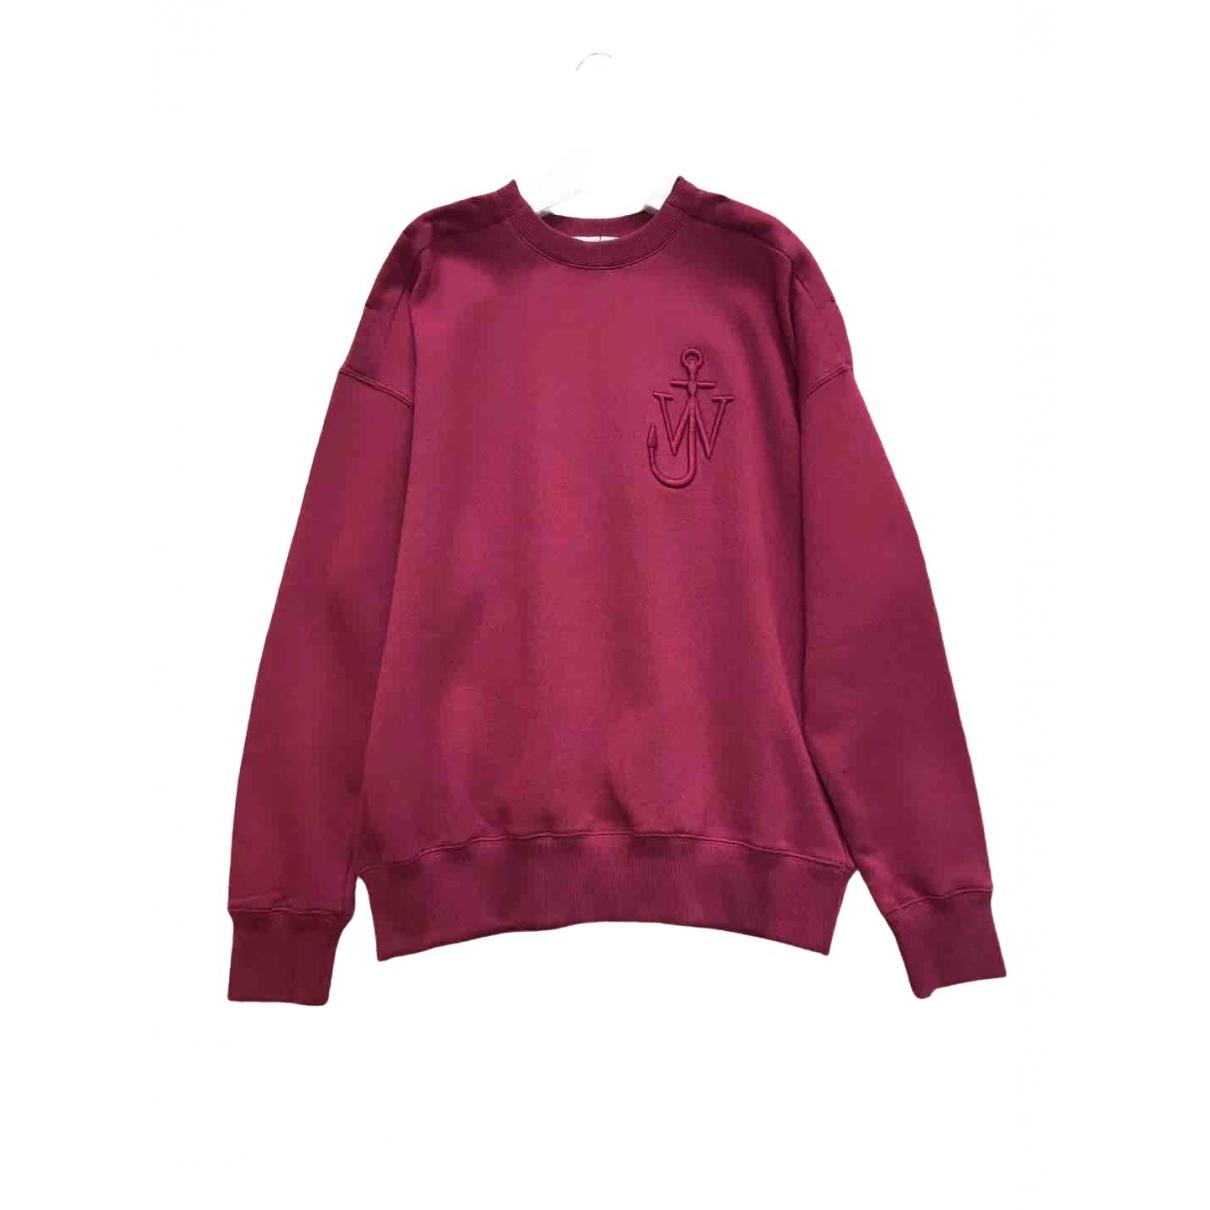 J.w. Anderson \N Burgundy Cotton Knitwear for Women XXS International